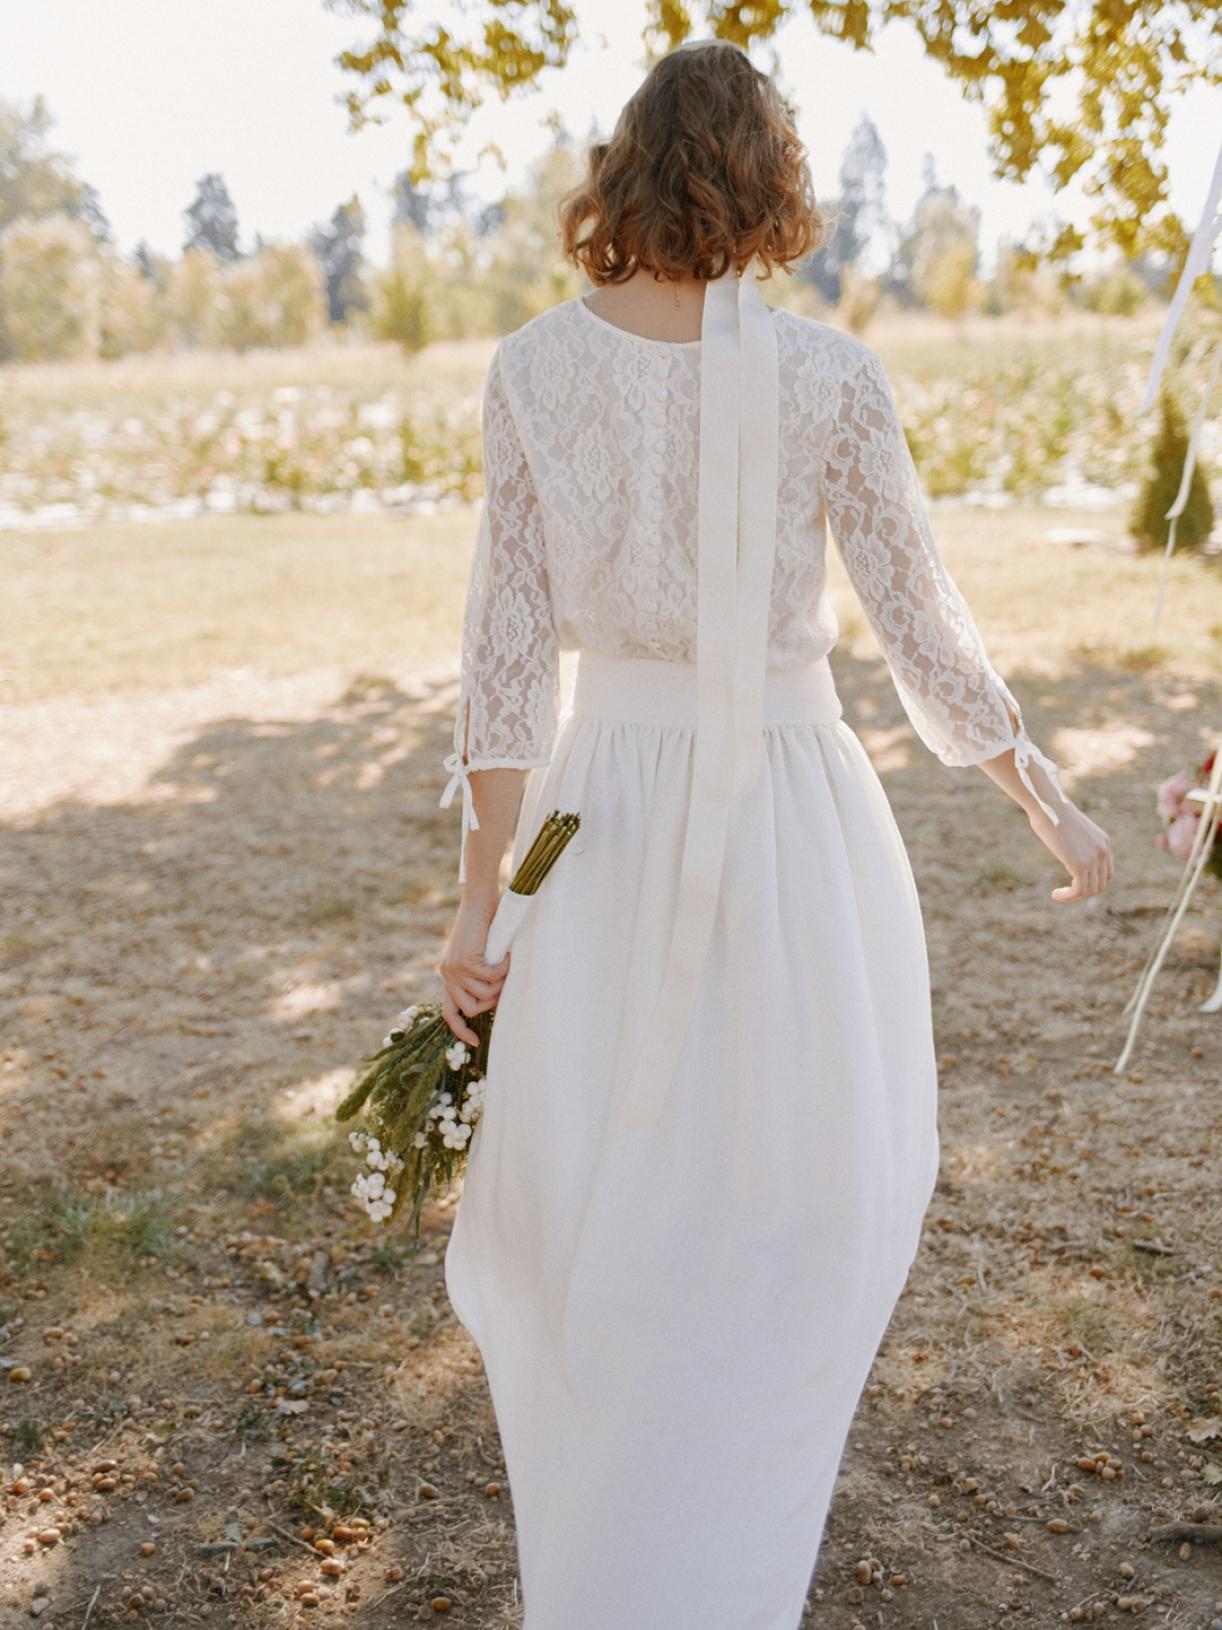 Robe de mariée asymétrique ecoresponsable - Myphilosophy Paris